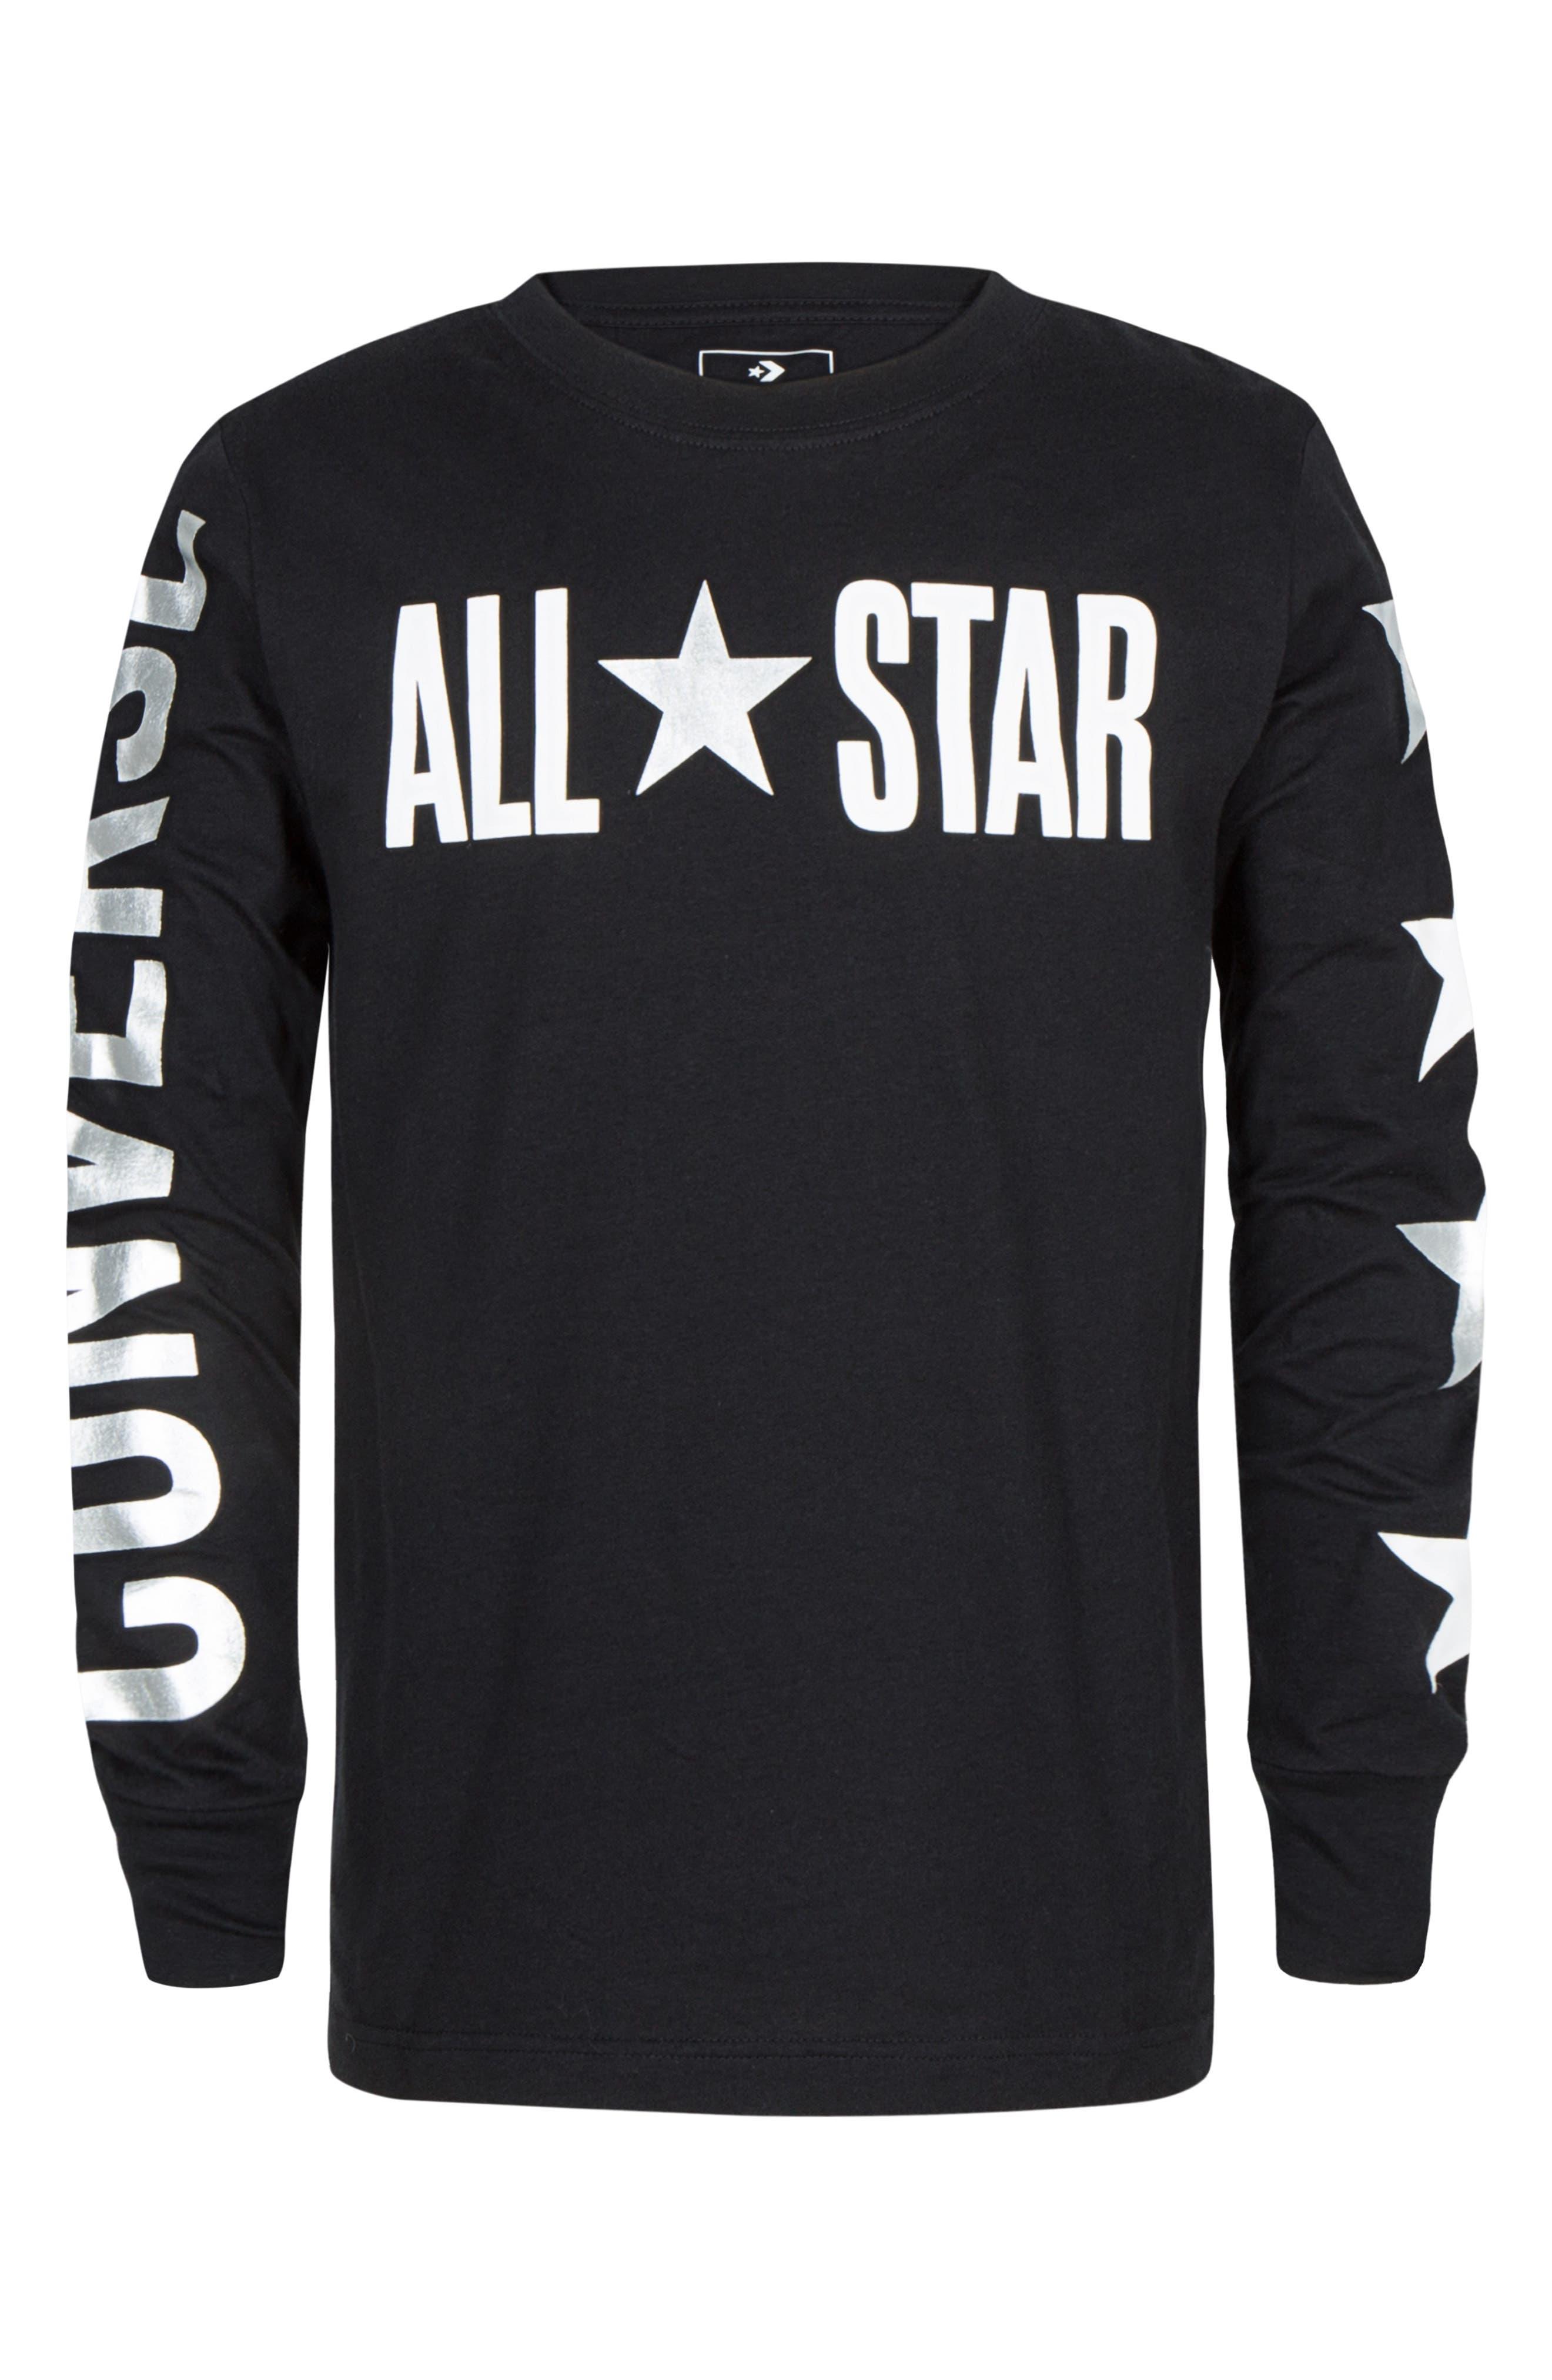 Boys Converse All Star Long Sleeve TShirt Size XL (1315y)  Black